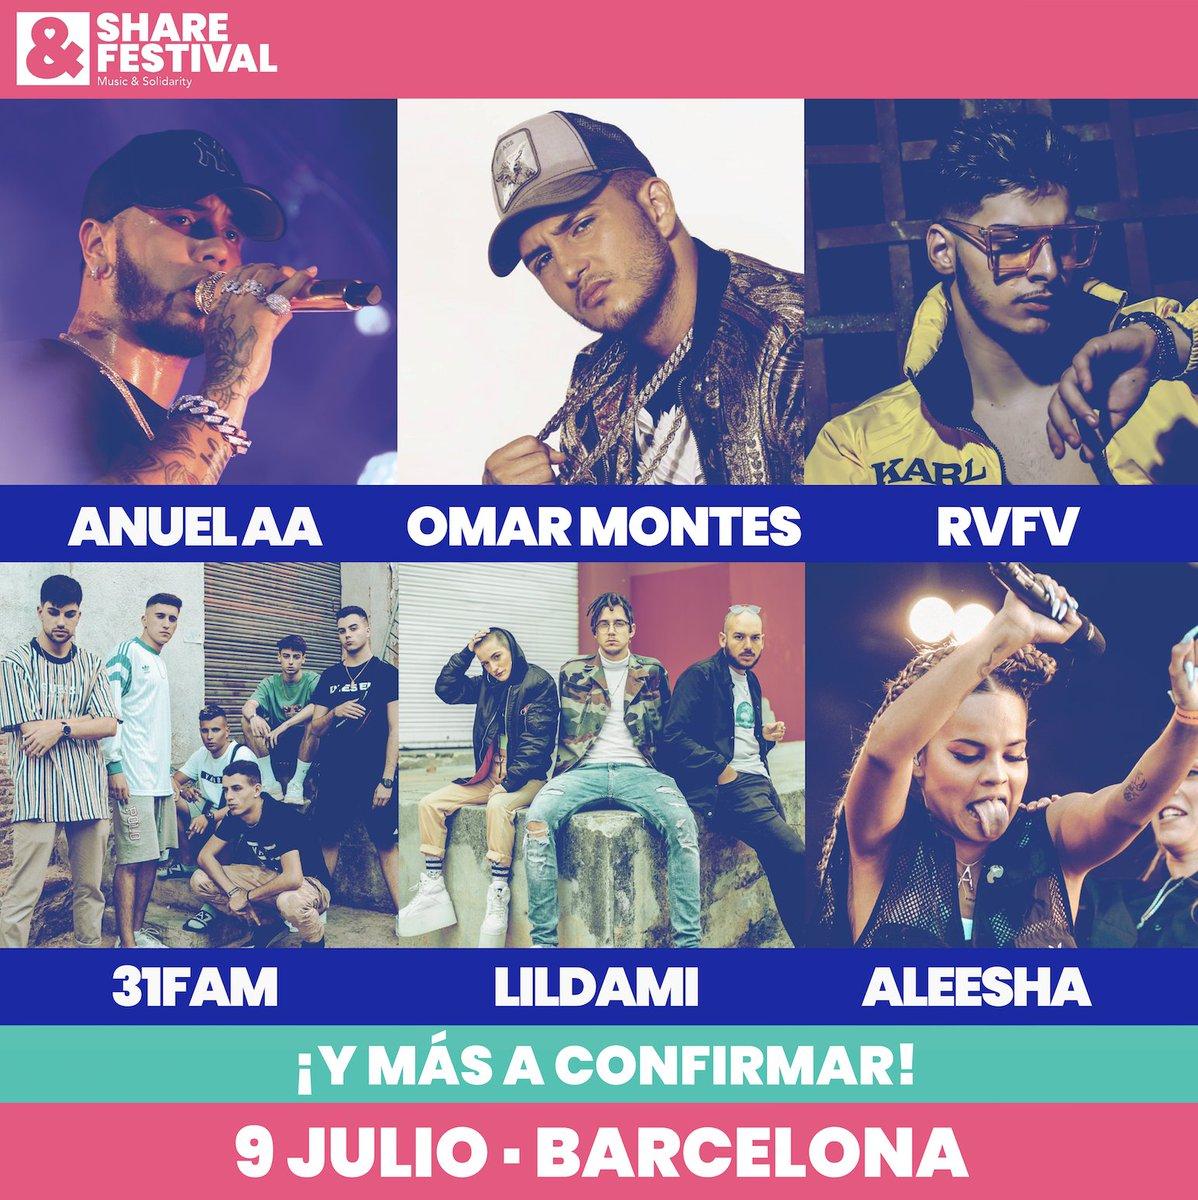 """SHARE Festival BCN on Twitter: """"🔥 Así queda el CARTEL COMPLETO ..."""